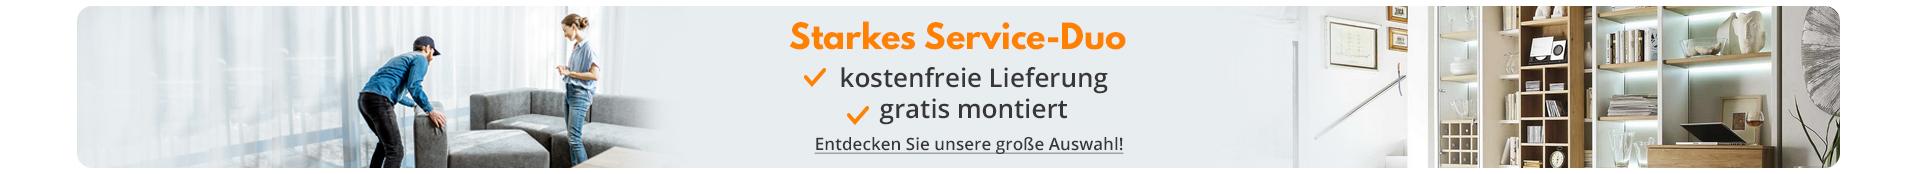 Starkes Service-Duo - kostenlose Lieferung & gratis montiert